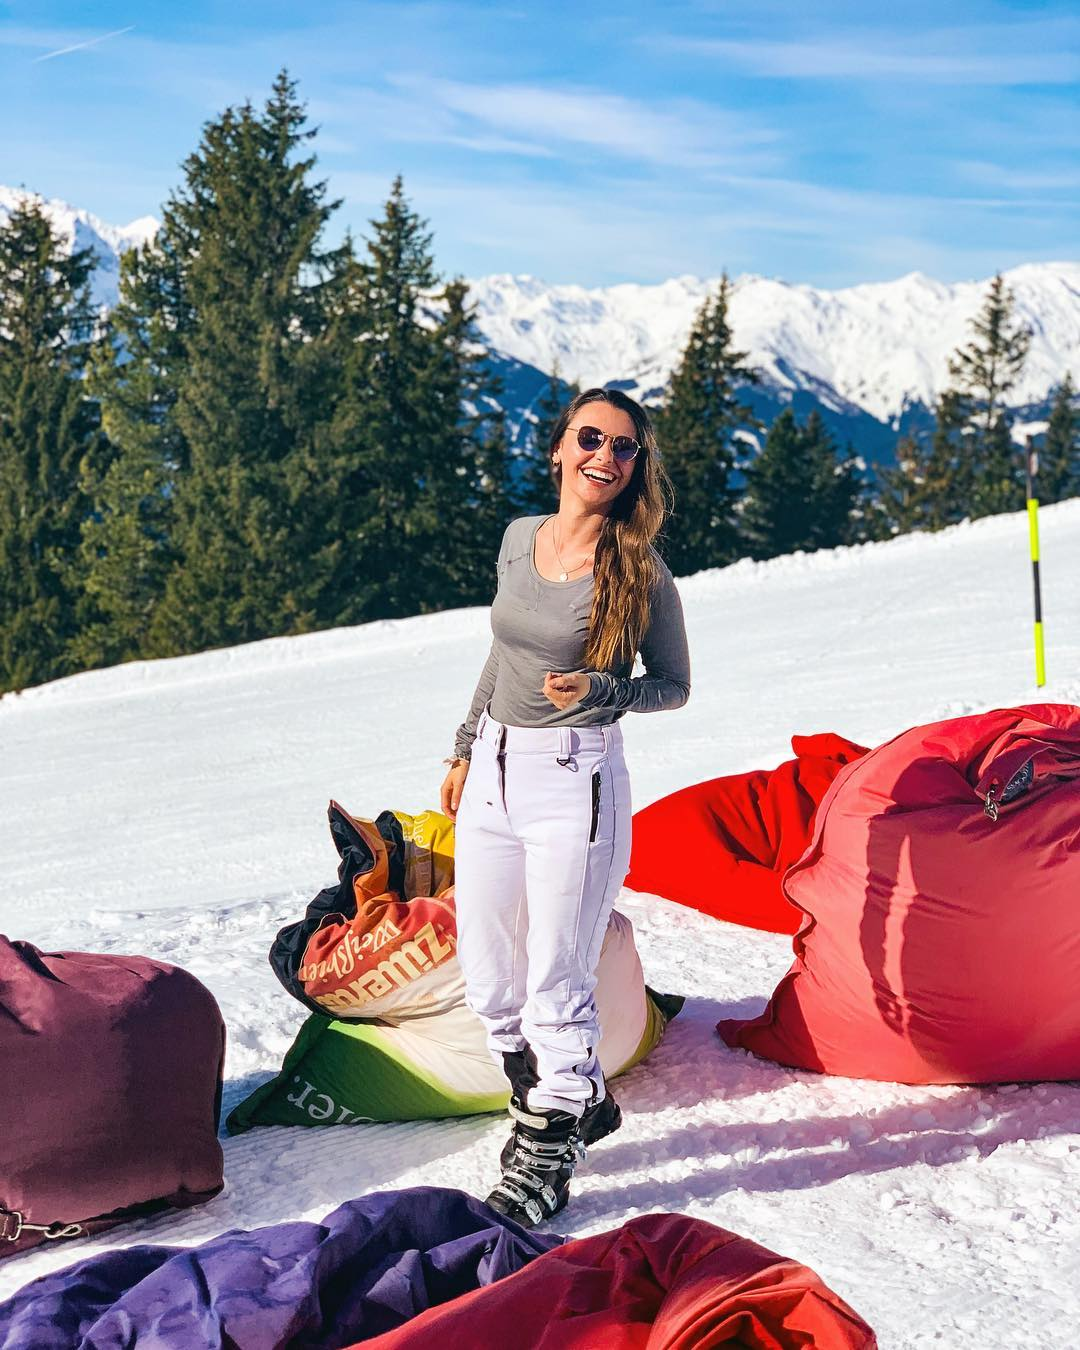 Kreuzwiesenalm-Gerlos-Gerlosberg-Skiing